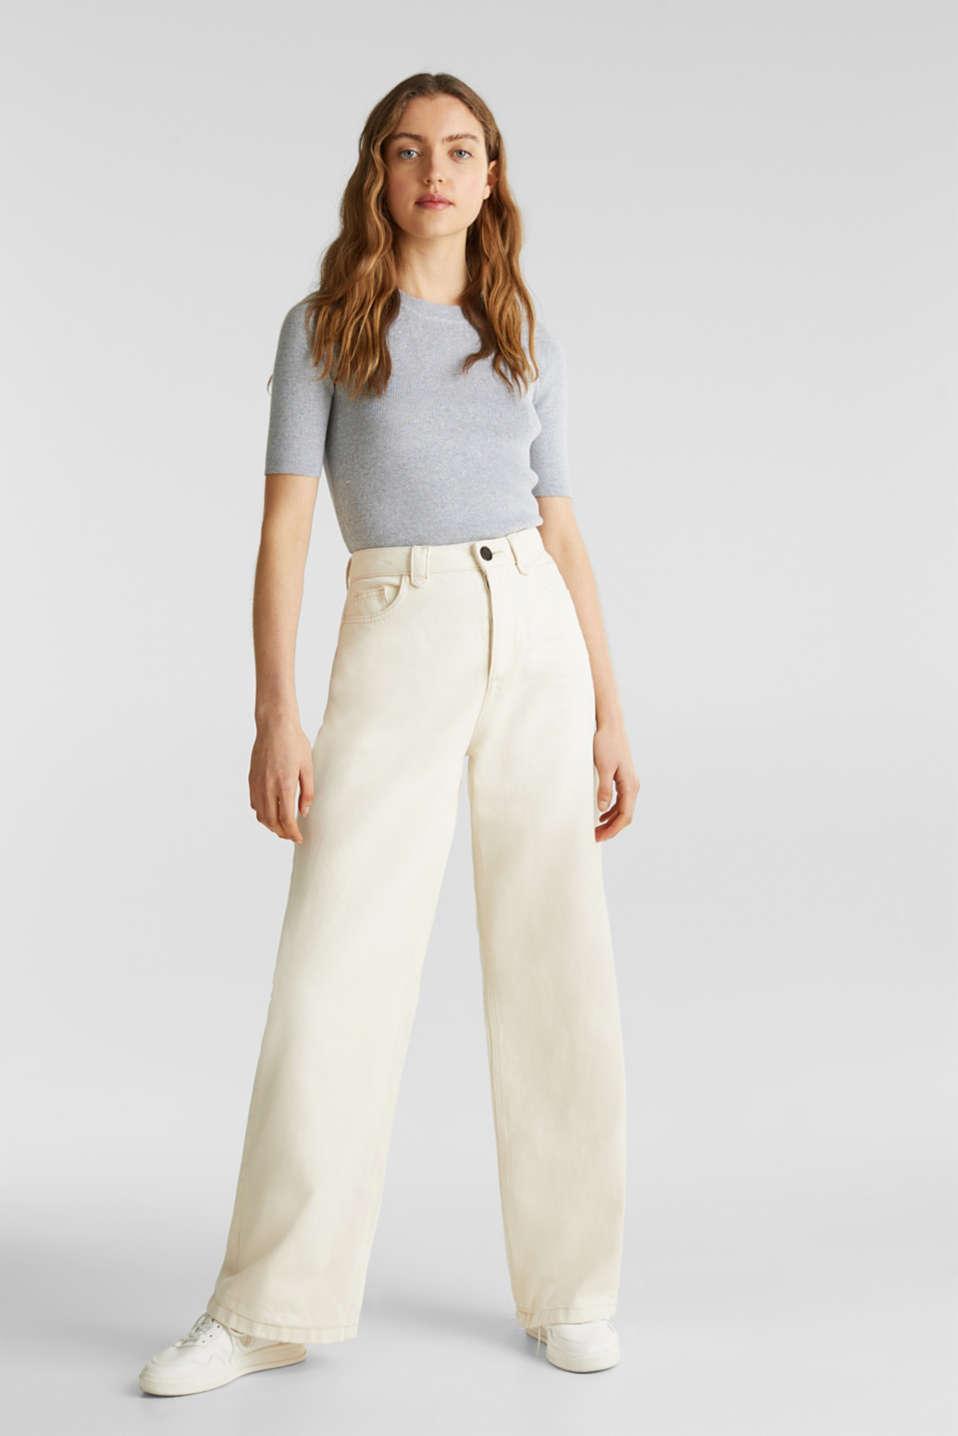 Short-sleeved jumper in blended cotton, LIGHT GREY 5, detail image number 1